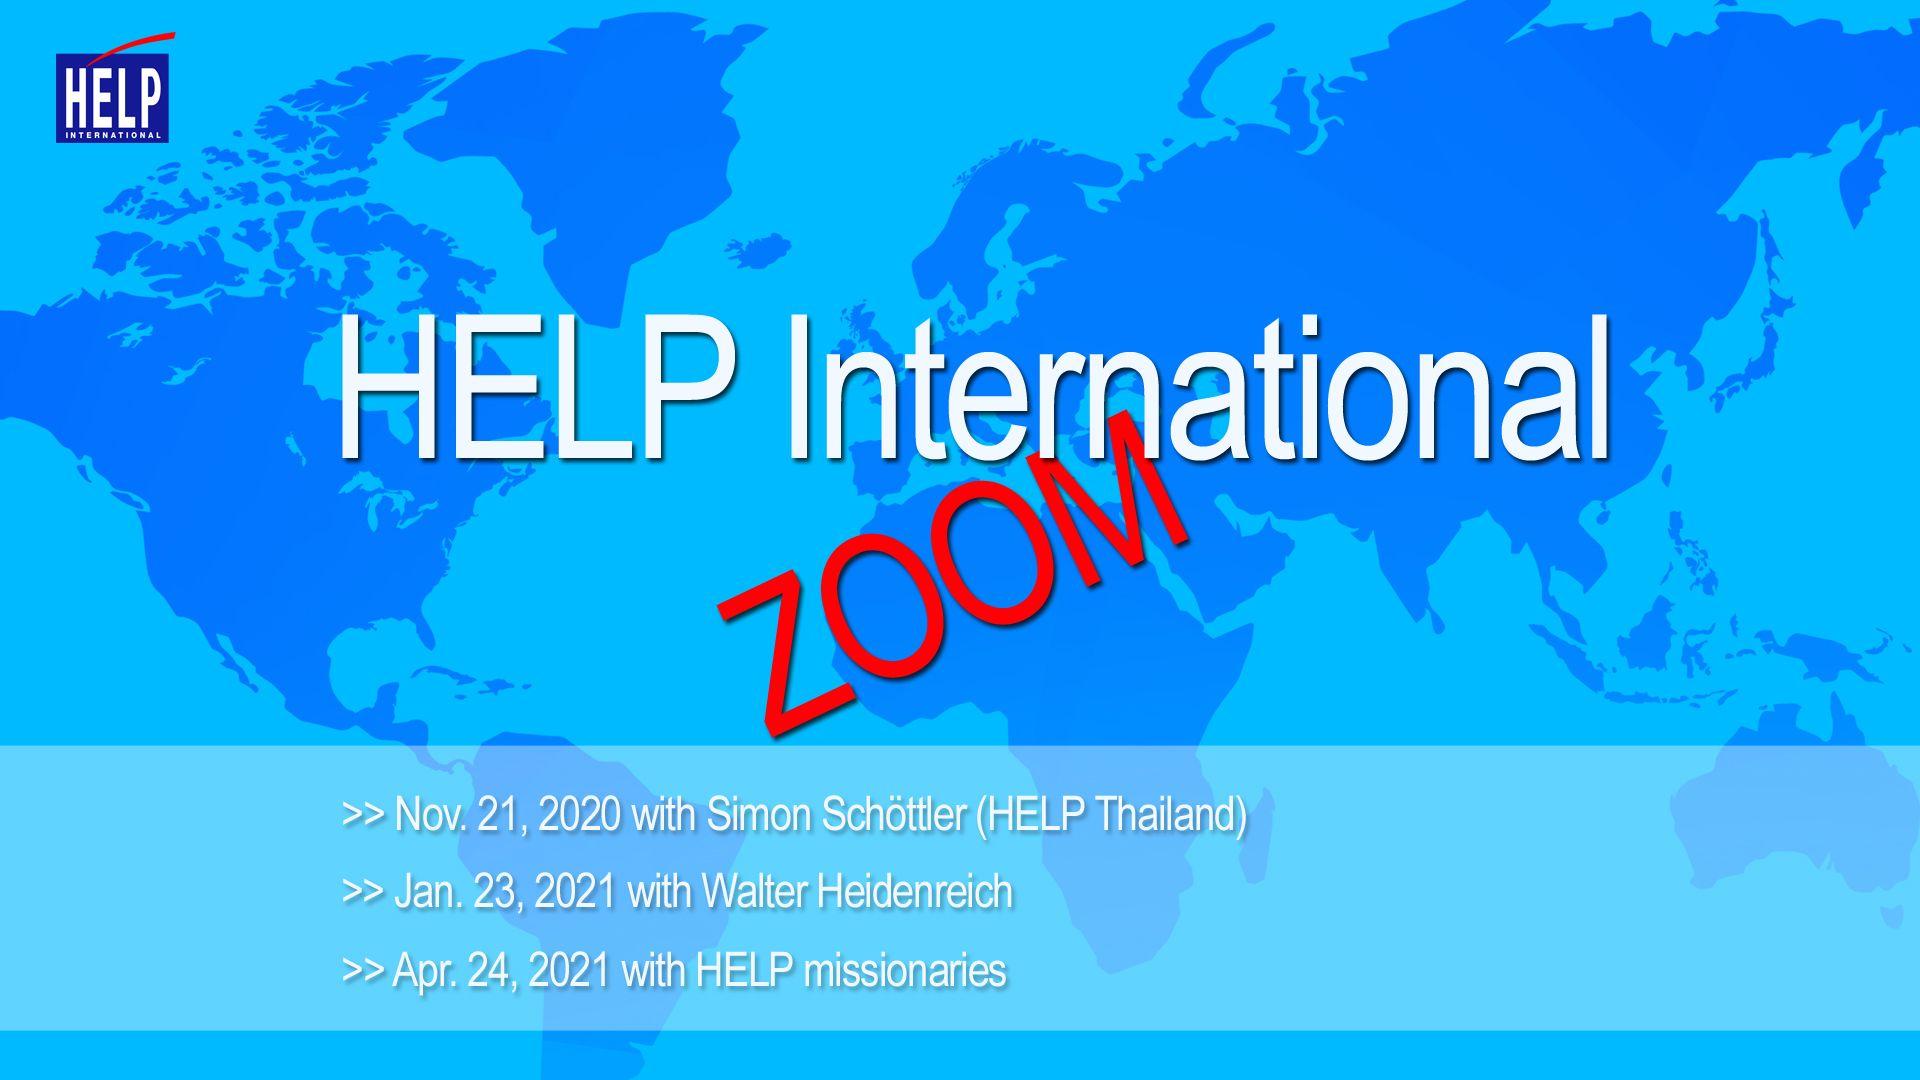 HELP_International_ZOOM__engl